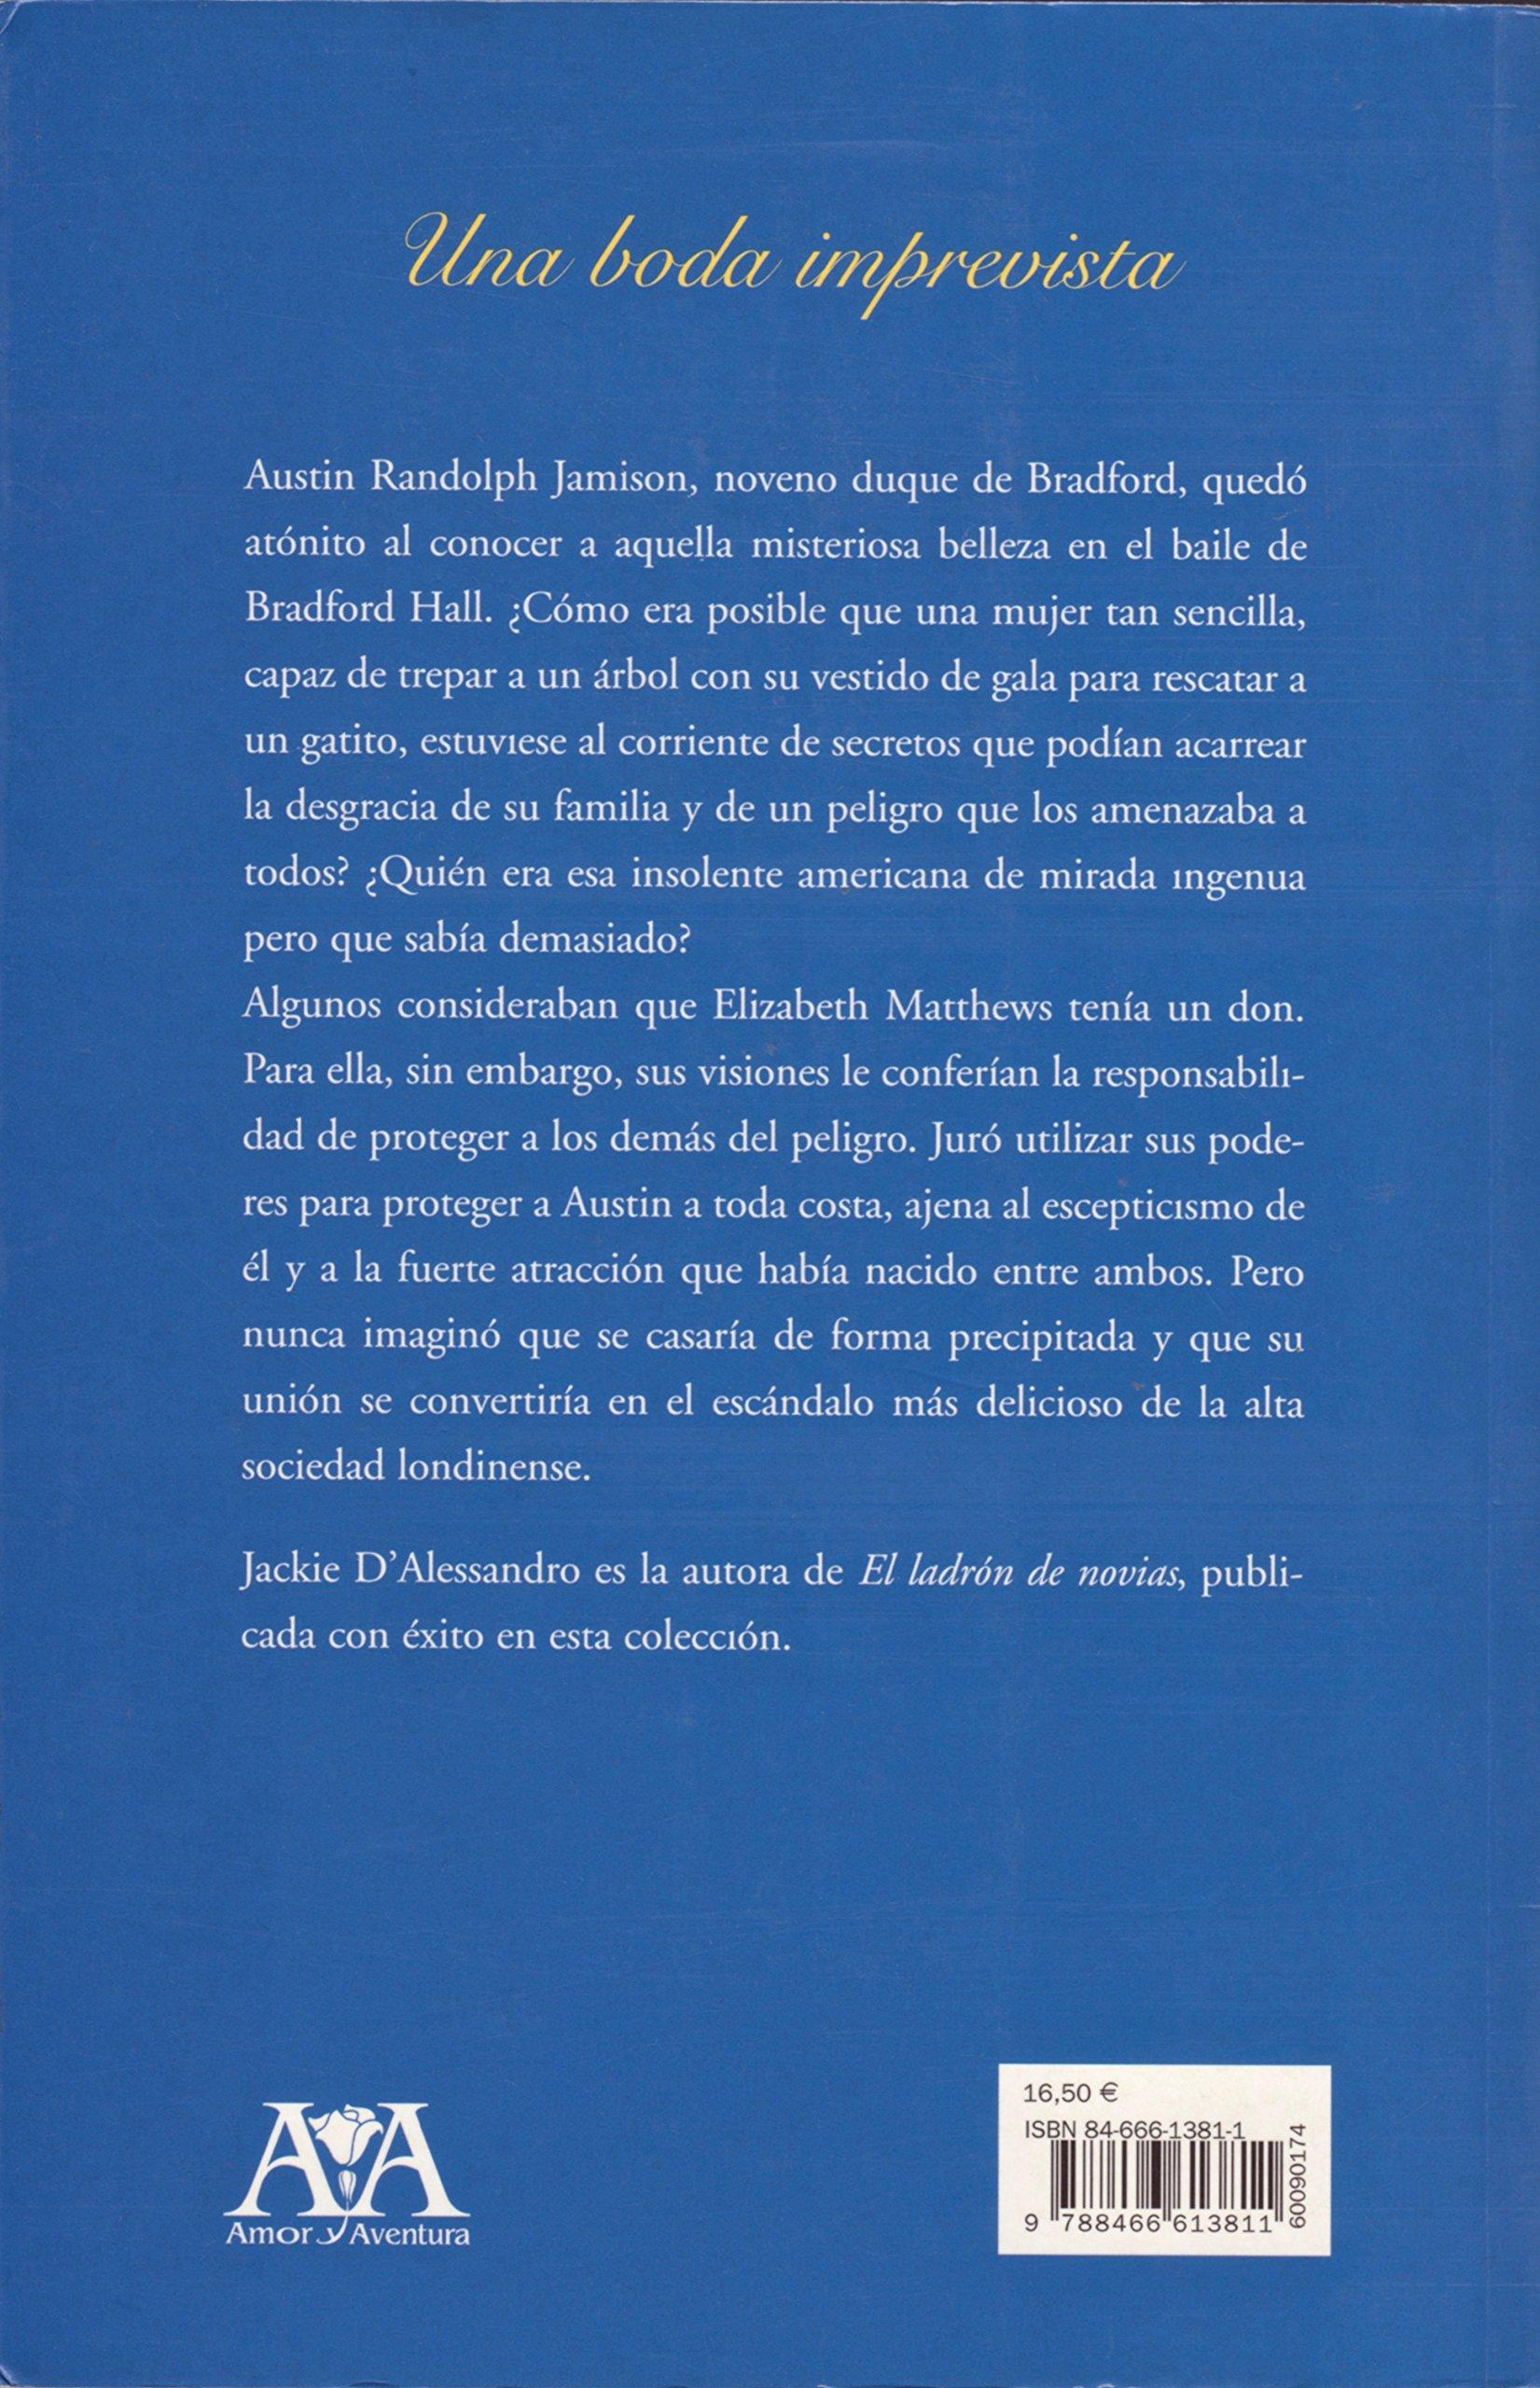 Una Boda Imprevista (Spanish Edition): Jacquie DAlessandro: 9788466613811: Amazon.com: Books